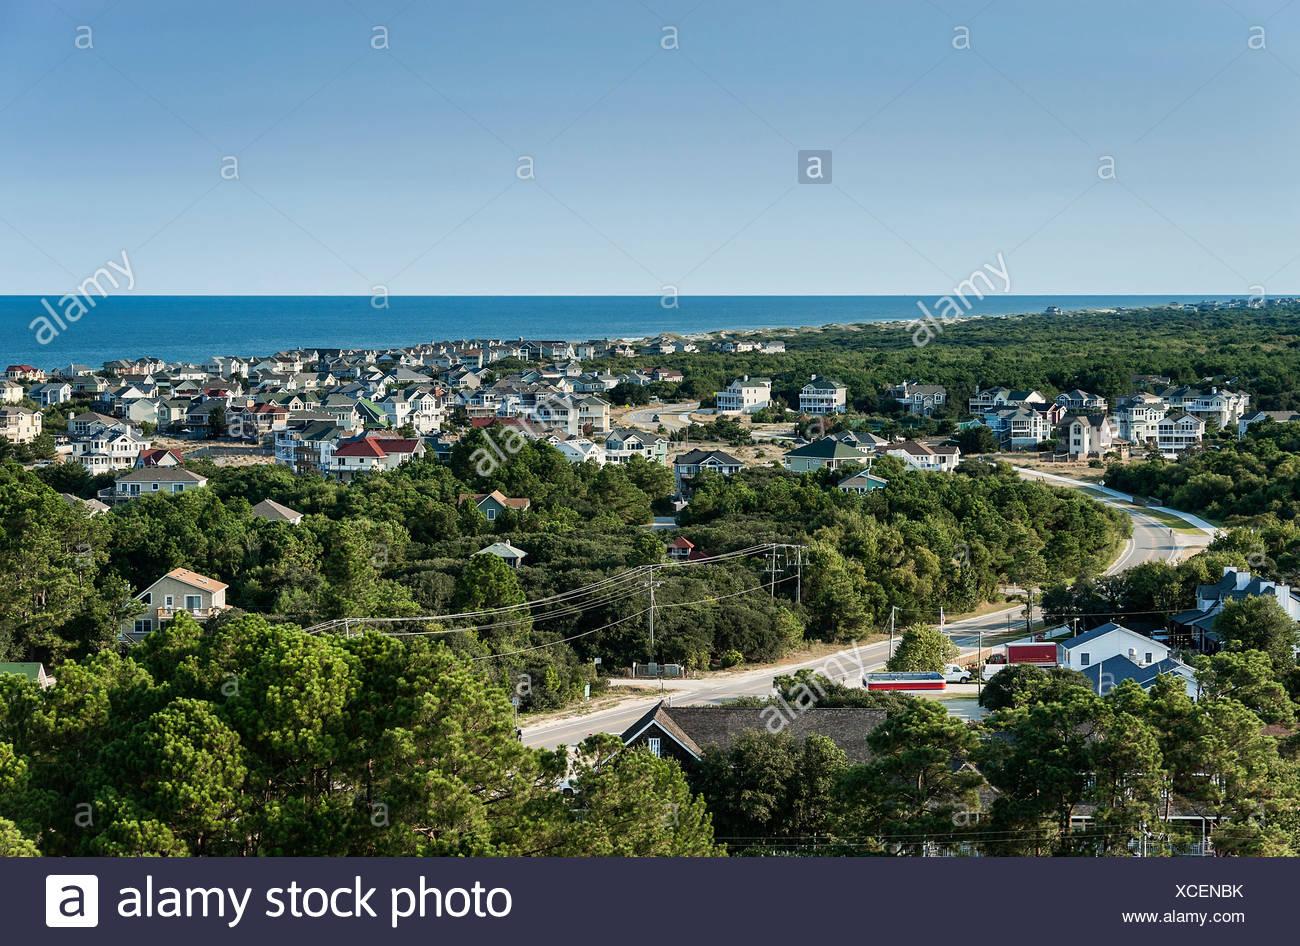 Plage de luxe maisons avant, Corolla, Outer Banks, Caroline du Nord, États-Unis Photo Stock